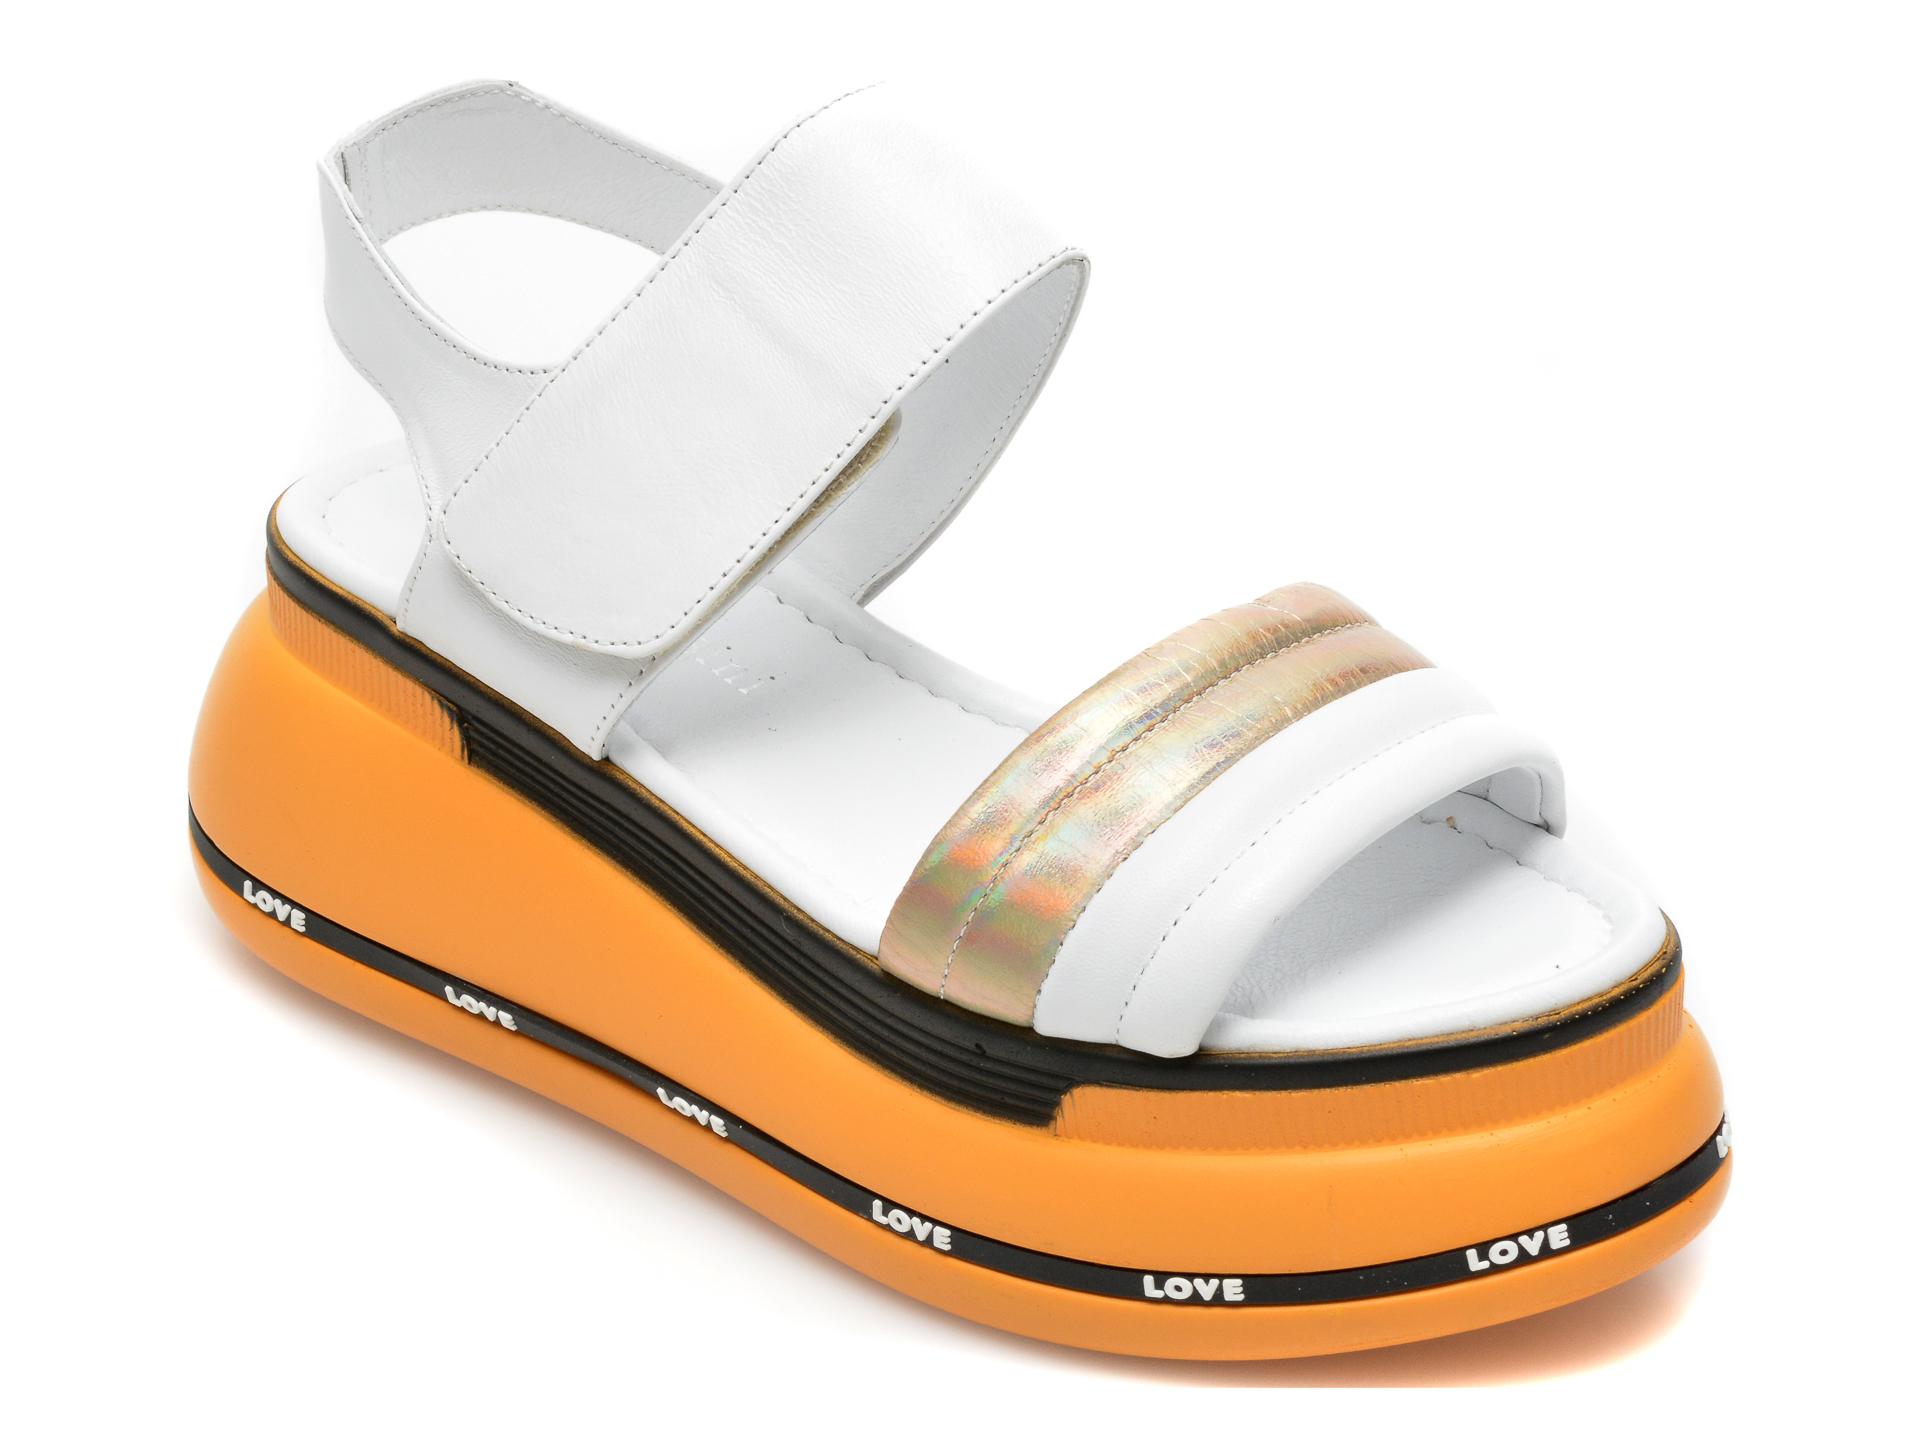 Sandale FLAVIA PASSINI albe, 2490G, din piele naturala imagine 2021 Flavia Passini